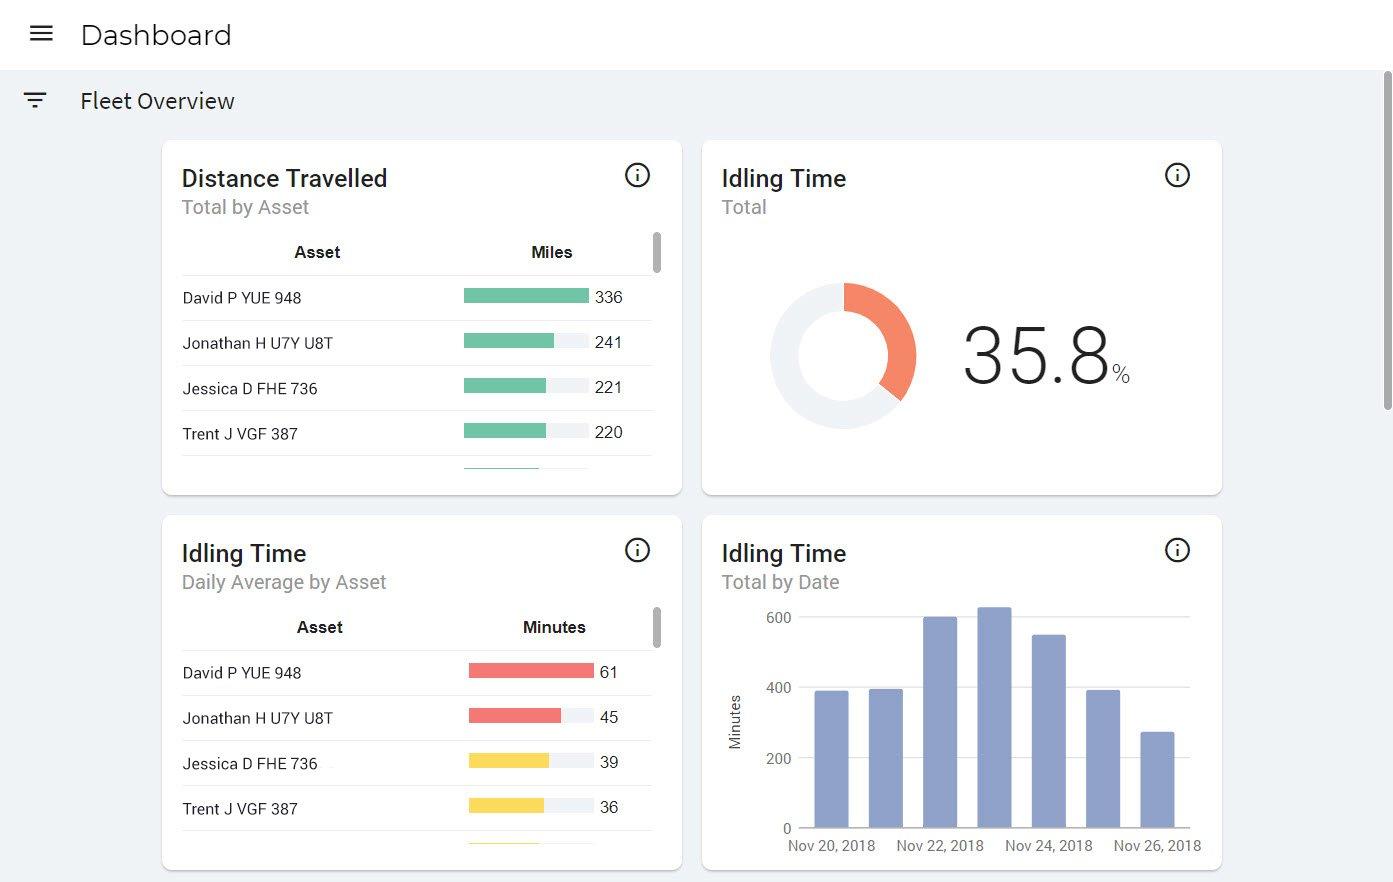 fc web - Dashboard New UI Nov 2018